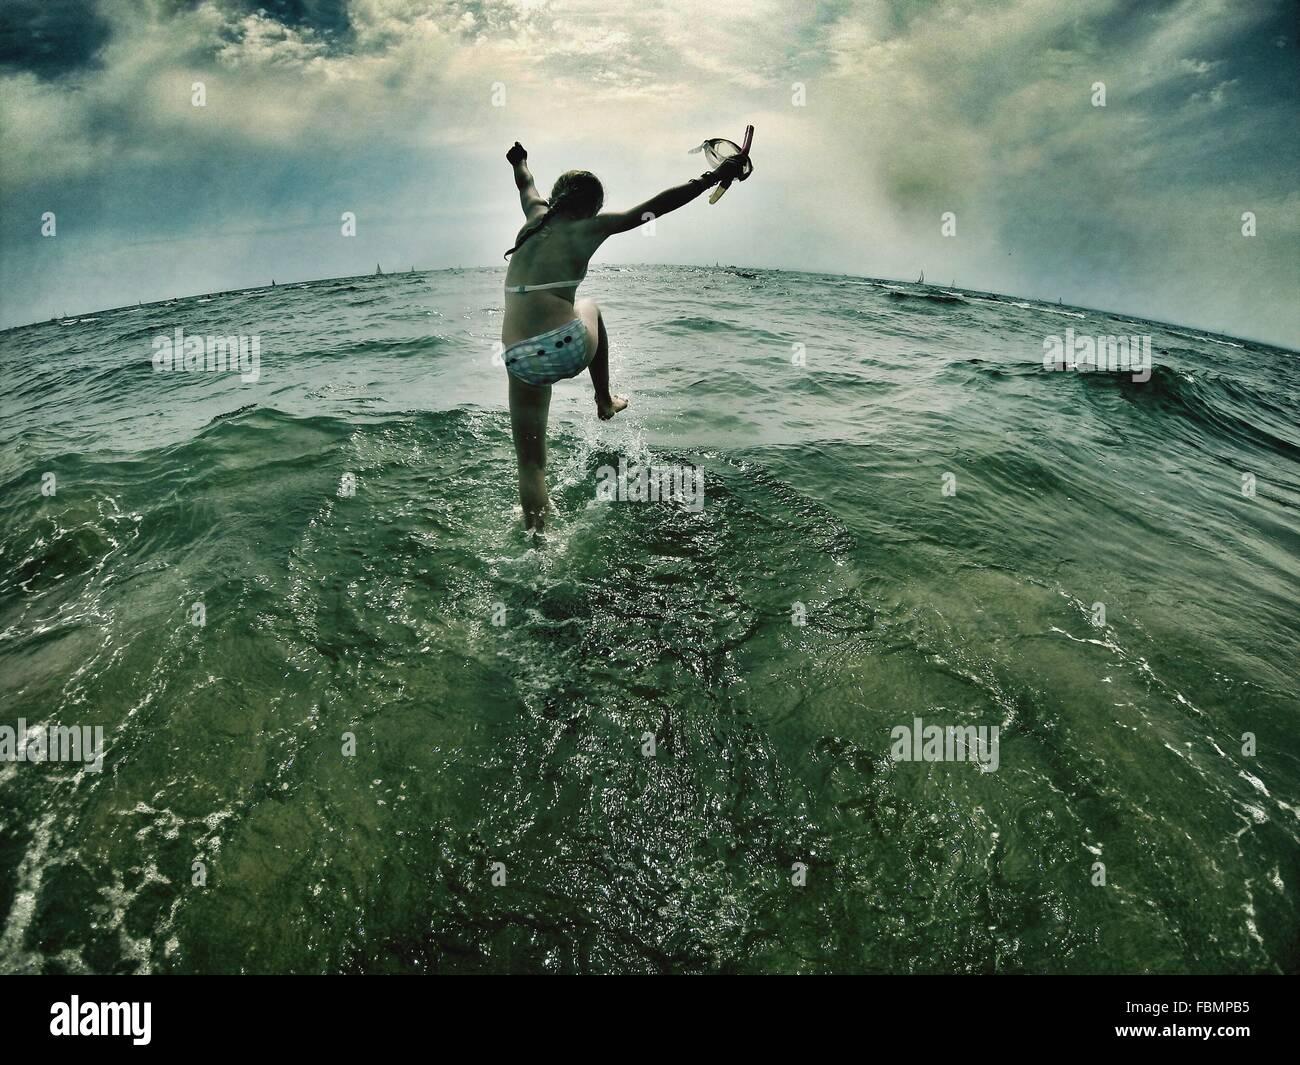 Fille aux projections d'eau dans la mer Photo Stock